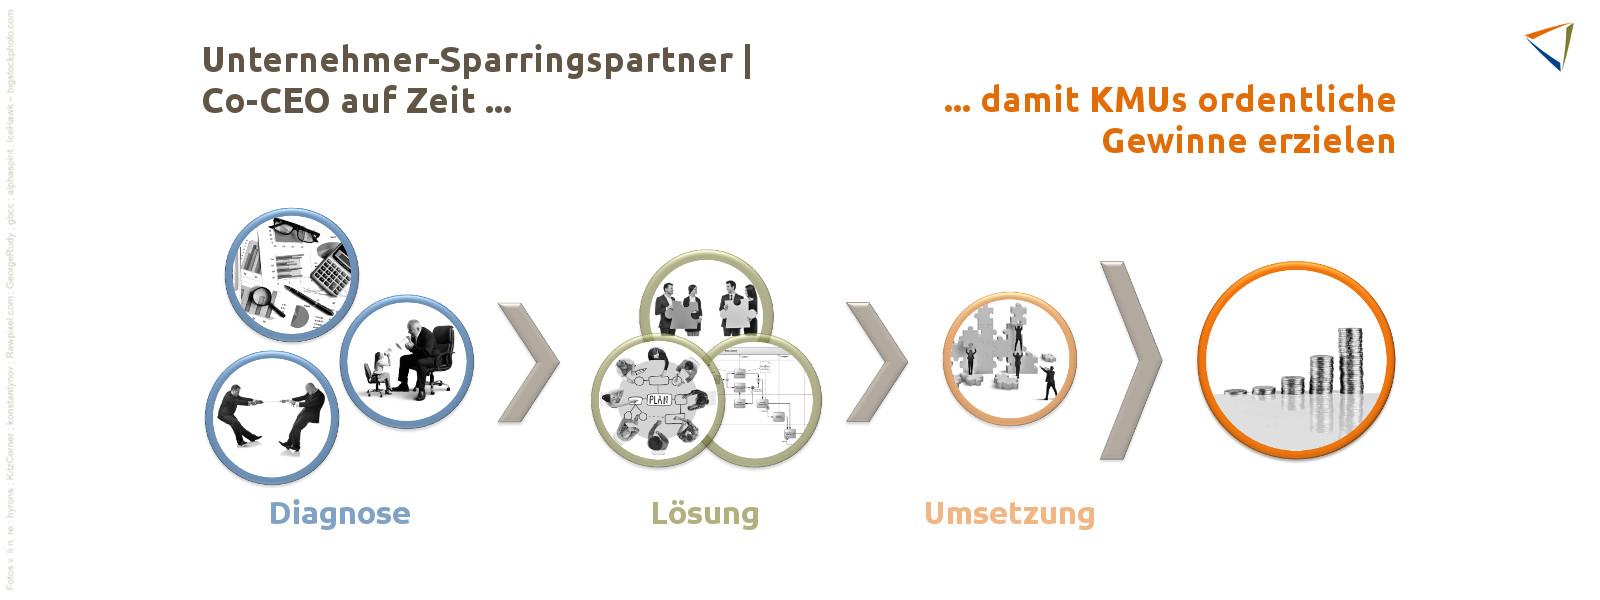 Ihr Unternehmer-Sparringspartner für eine erfolgreiche Organisationsentwicklung